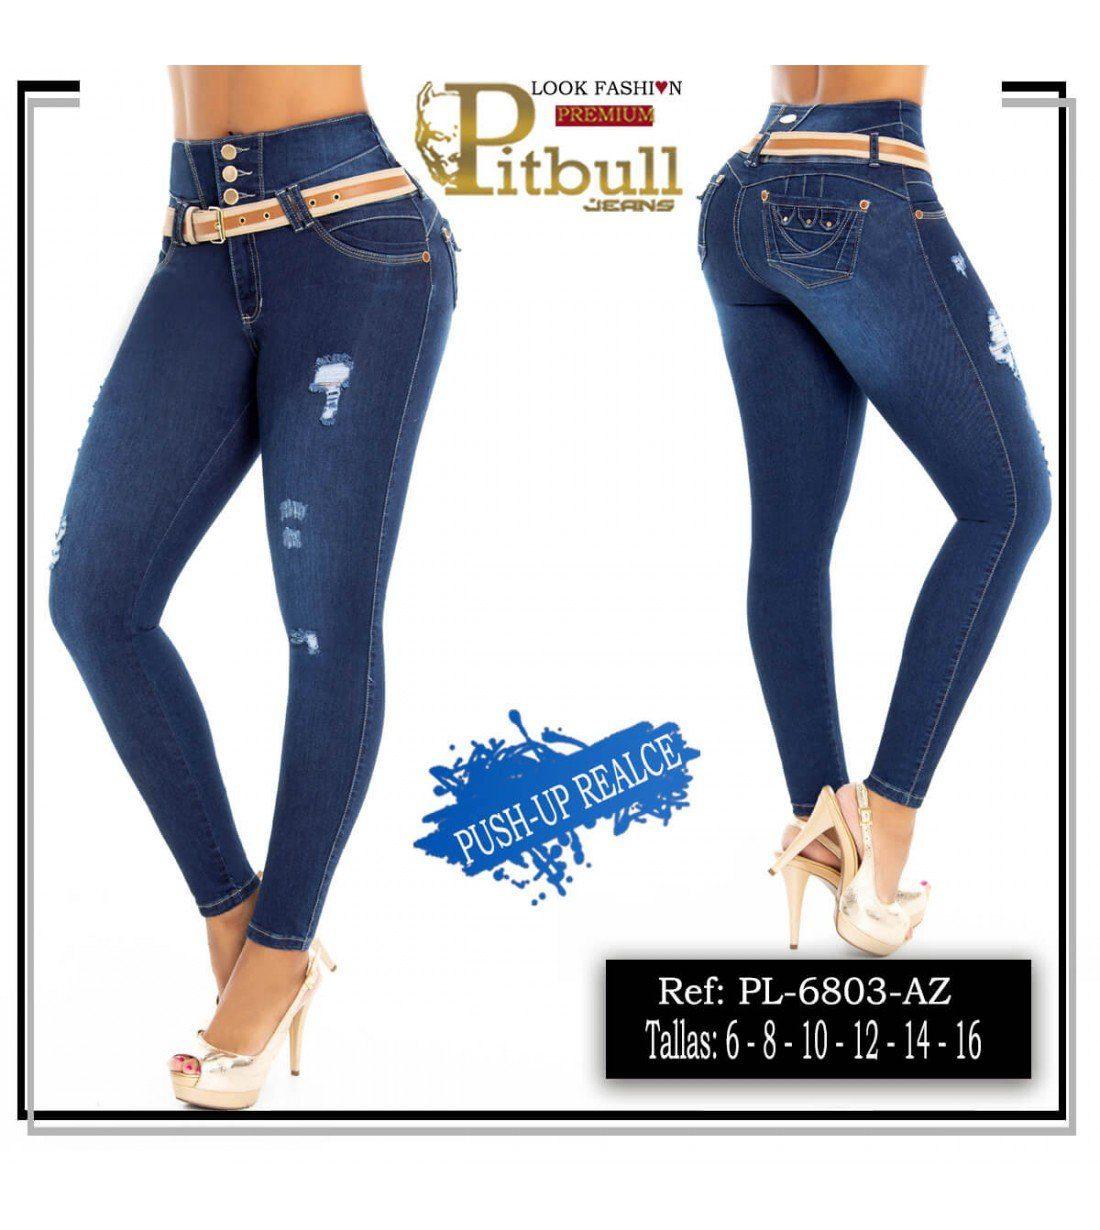 Pantalon Colombiano Pitbull-6803